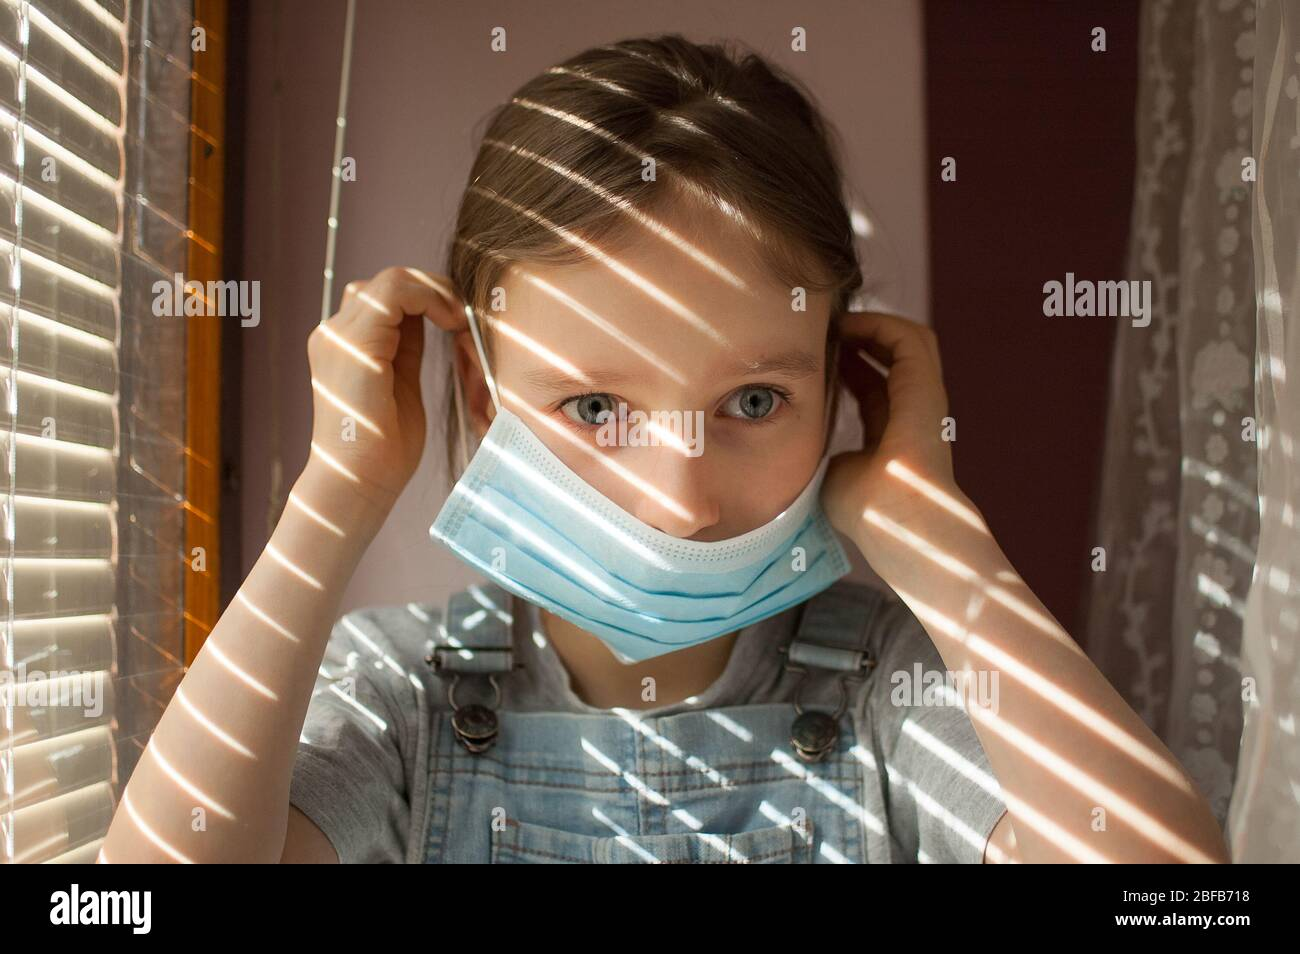 La niña está sentada en el alféizar de la ventana y tratando de poner una máscara desechable protectora en su cara durante el auto-aislamiento en casa debido al Coronavirus Foto de stock